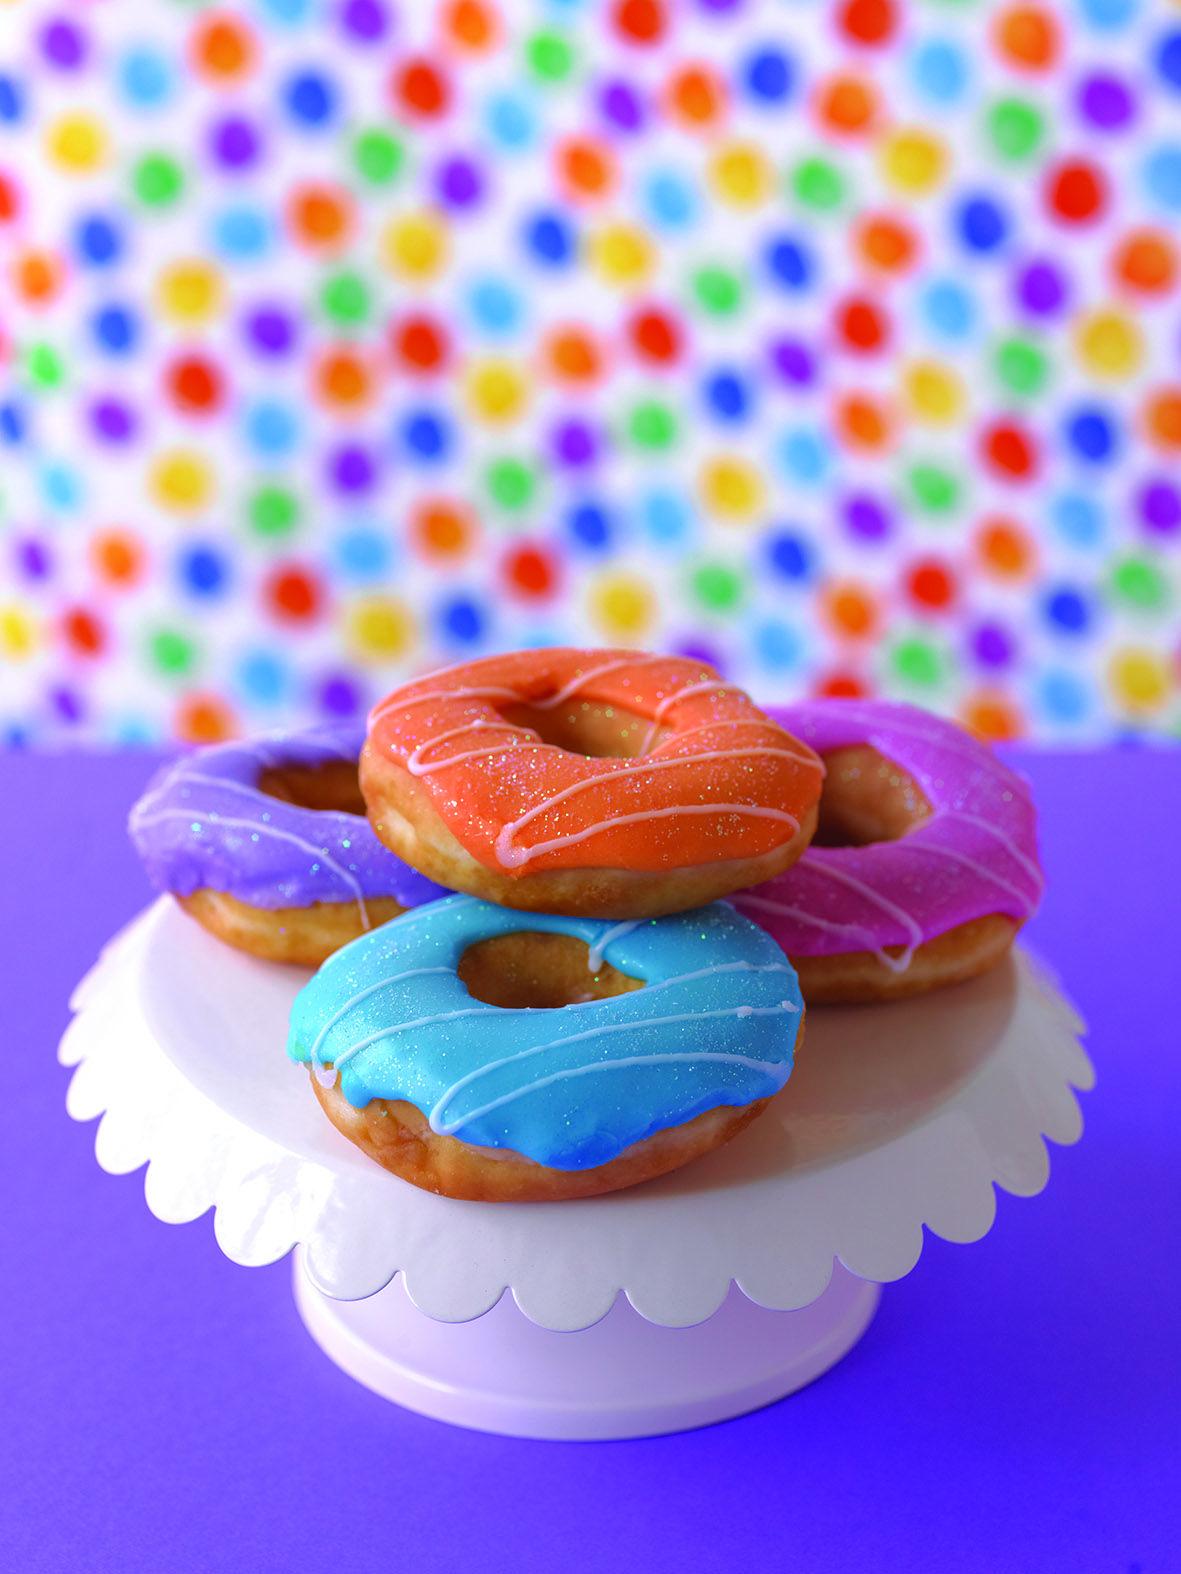 Donitsit kruunaavat vappu-juhlan! #donitsi #vappu #kakku